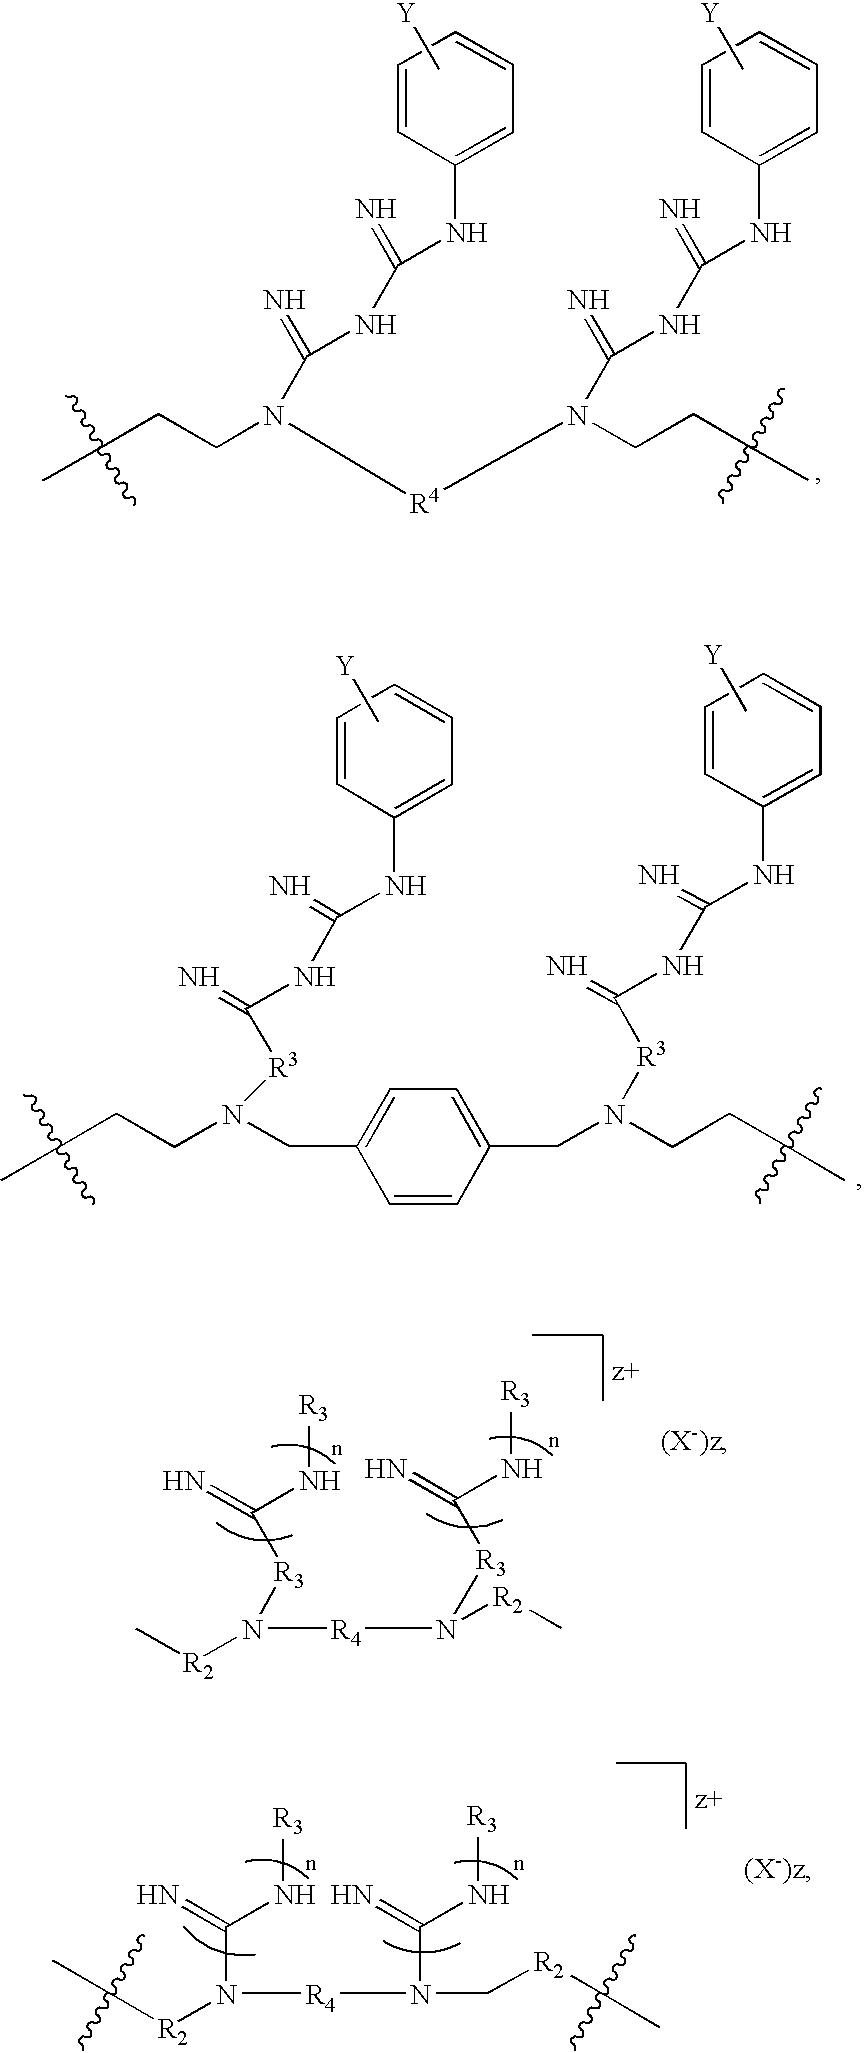 Figure US20090074833A1-20090319-C00093